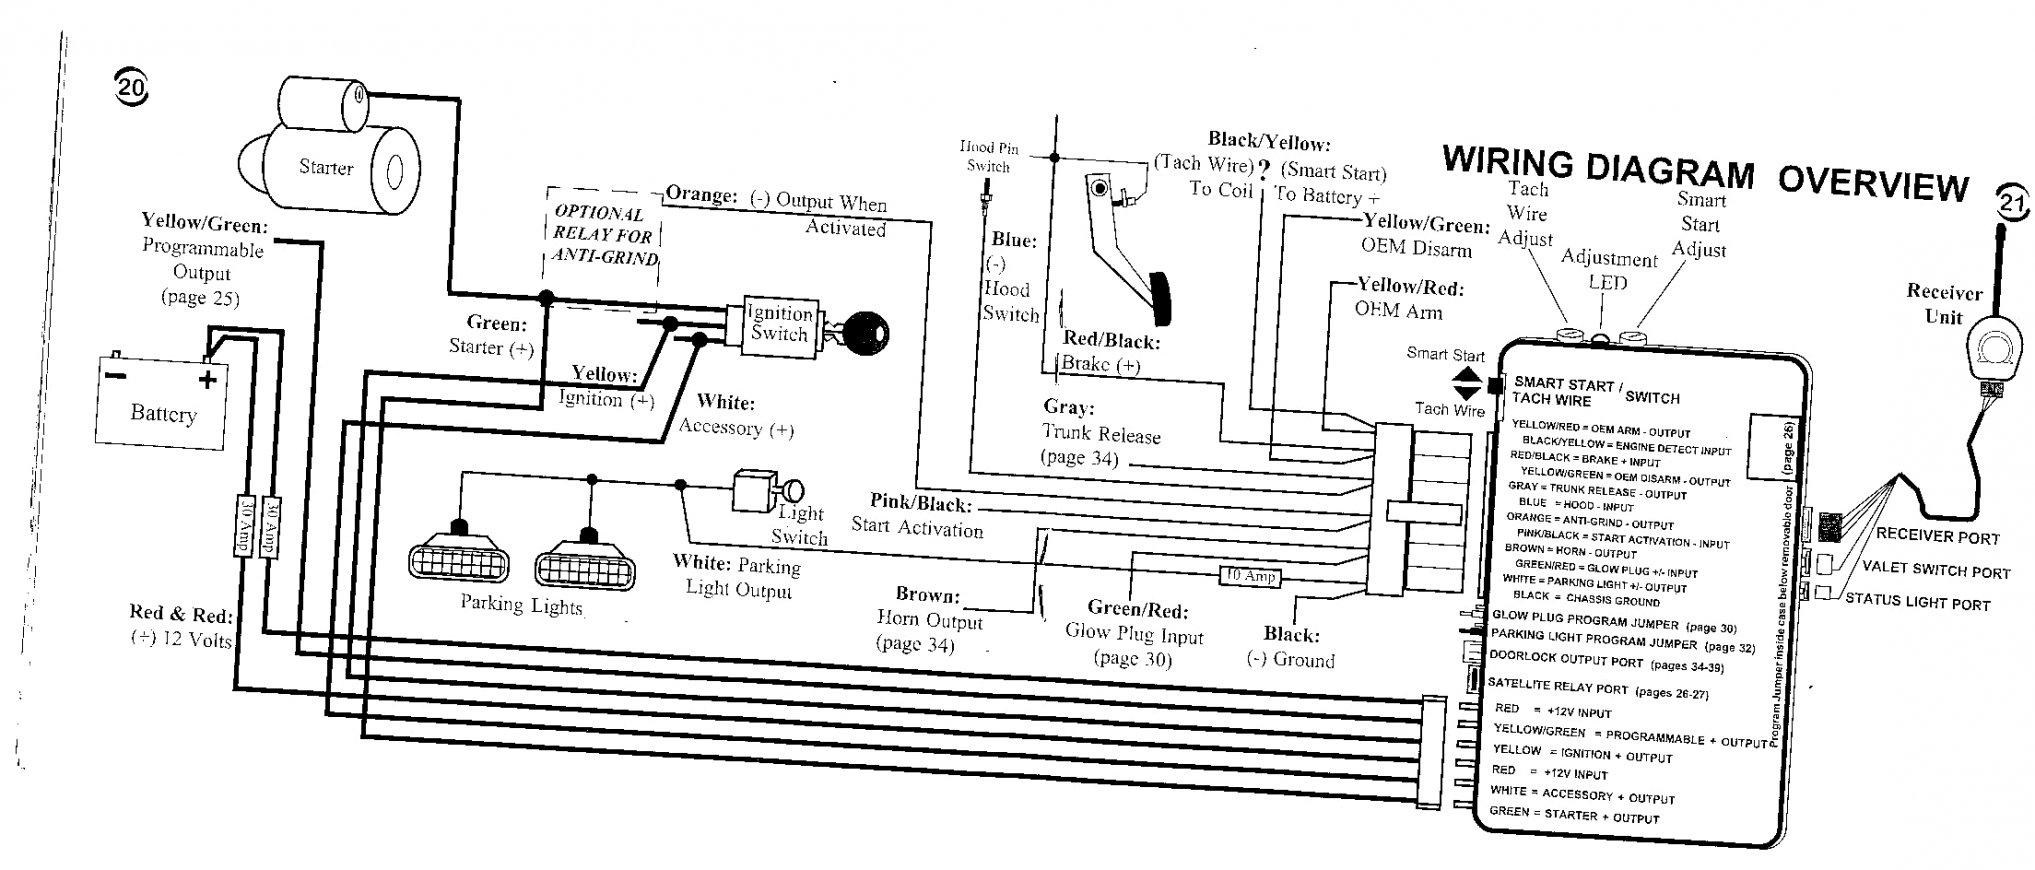 Viper 5706V Wiring Diagram | Wiring Diagram - Viper 5706V Wiring Diagram